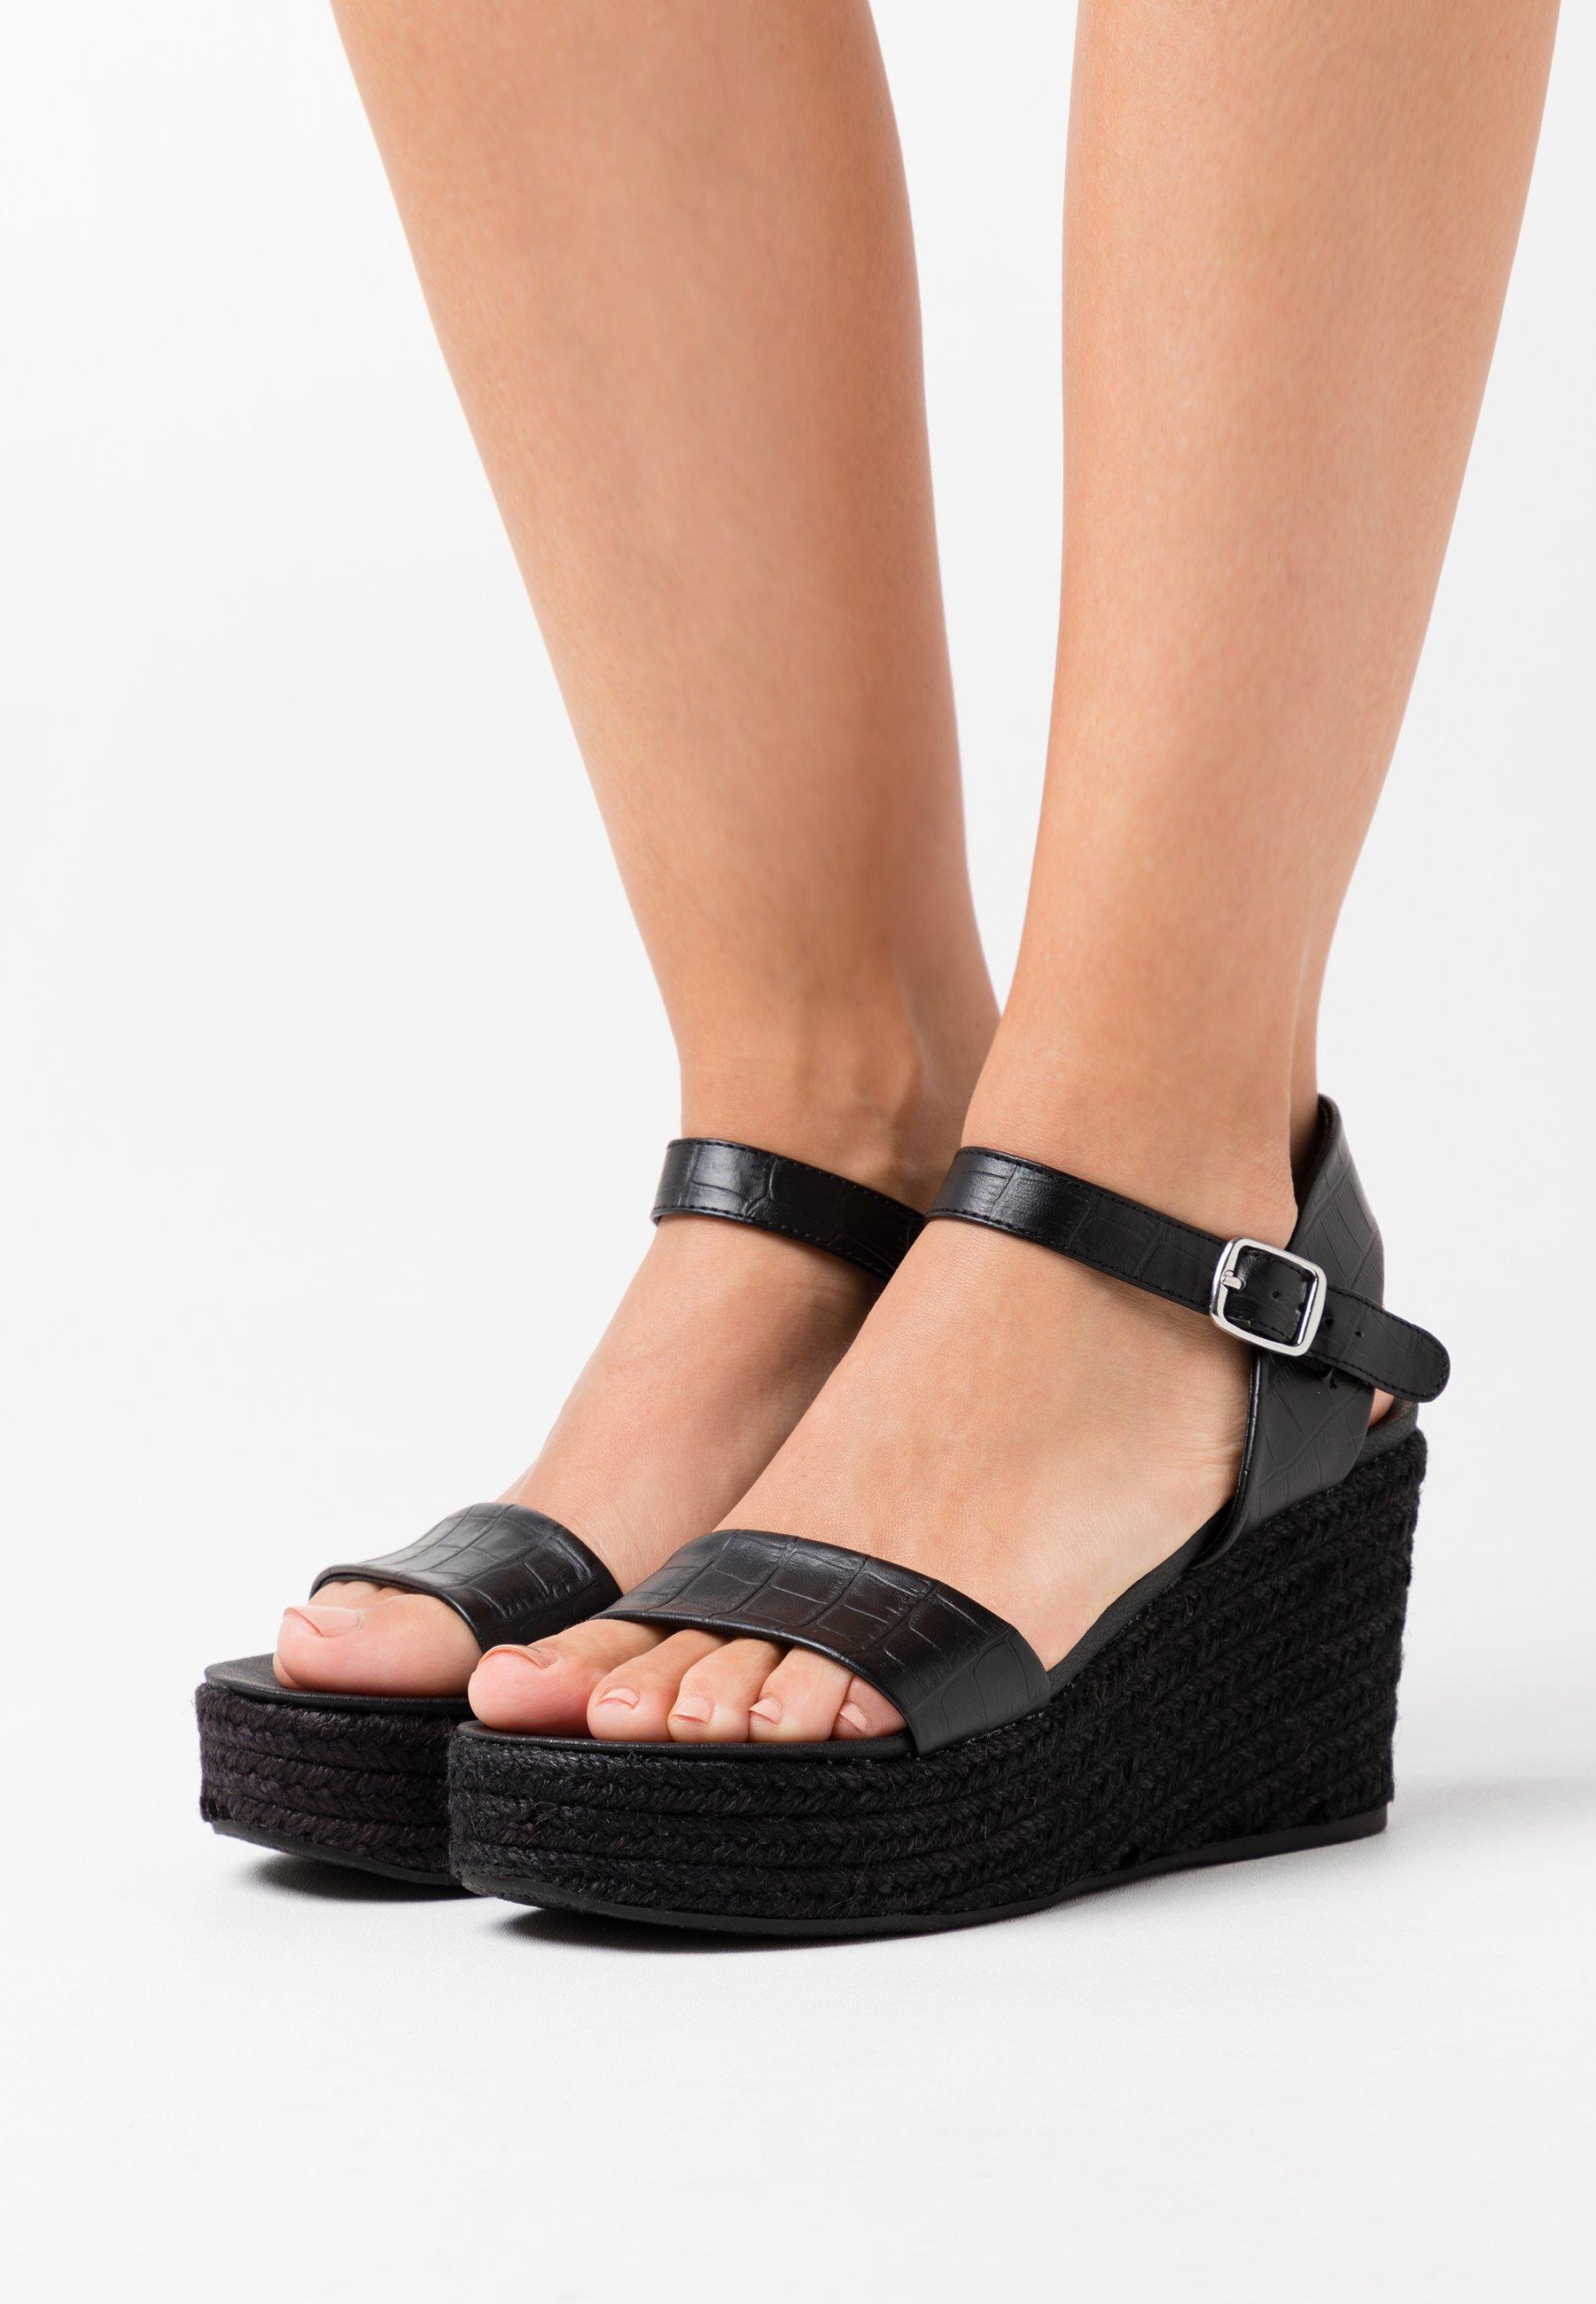 Aankoop Best Verkopende Damesschoenen PsdkjGXhisd New Look PICKLE WEDGE Sandalen met plateauzool black GjLV804